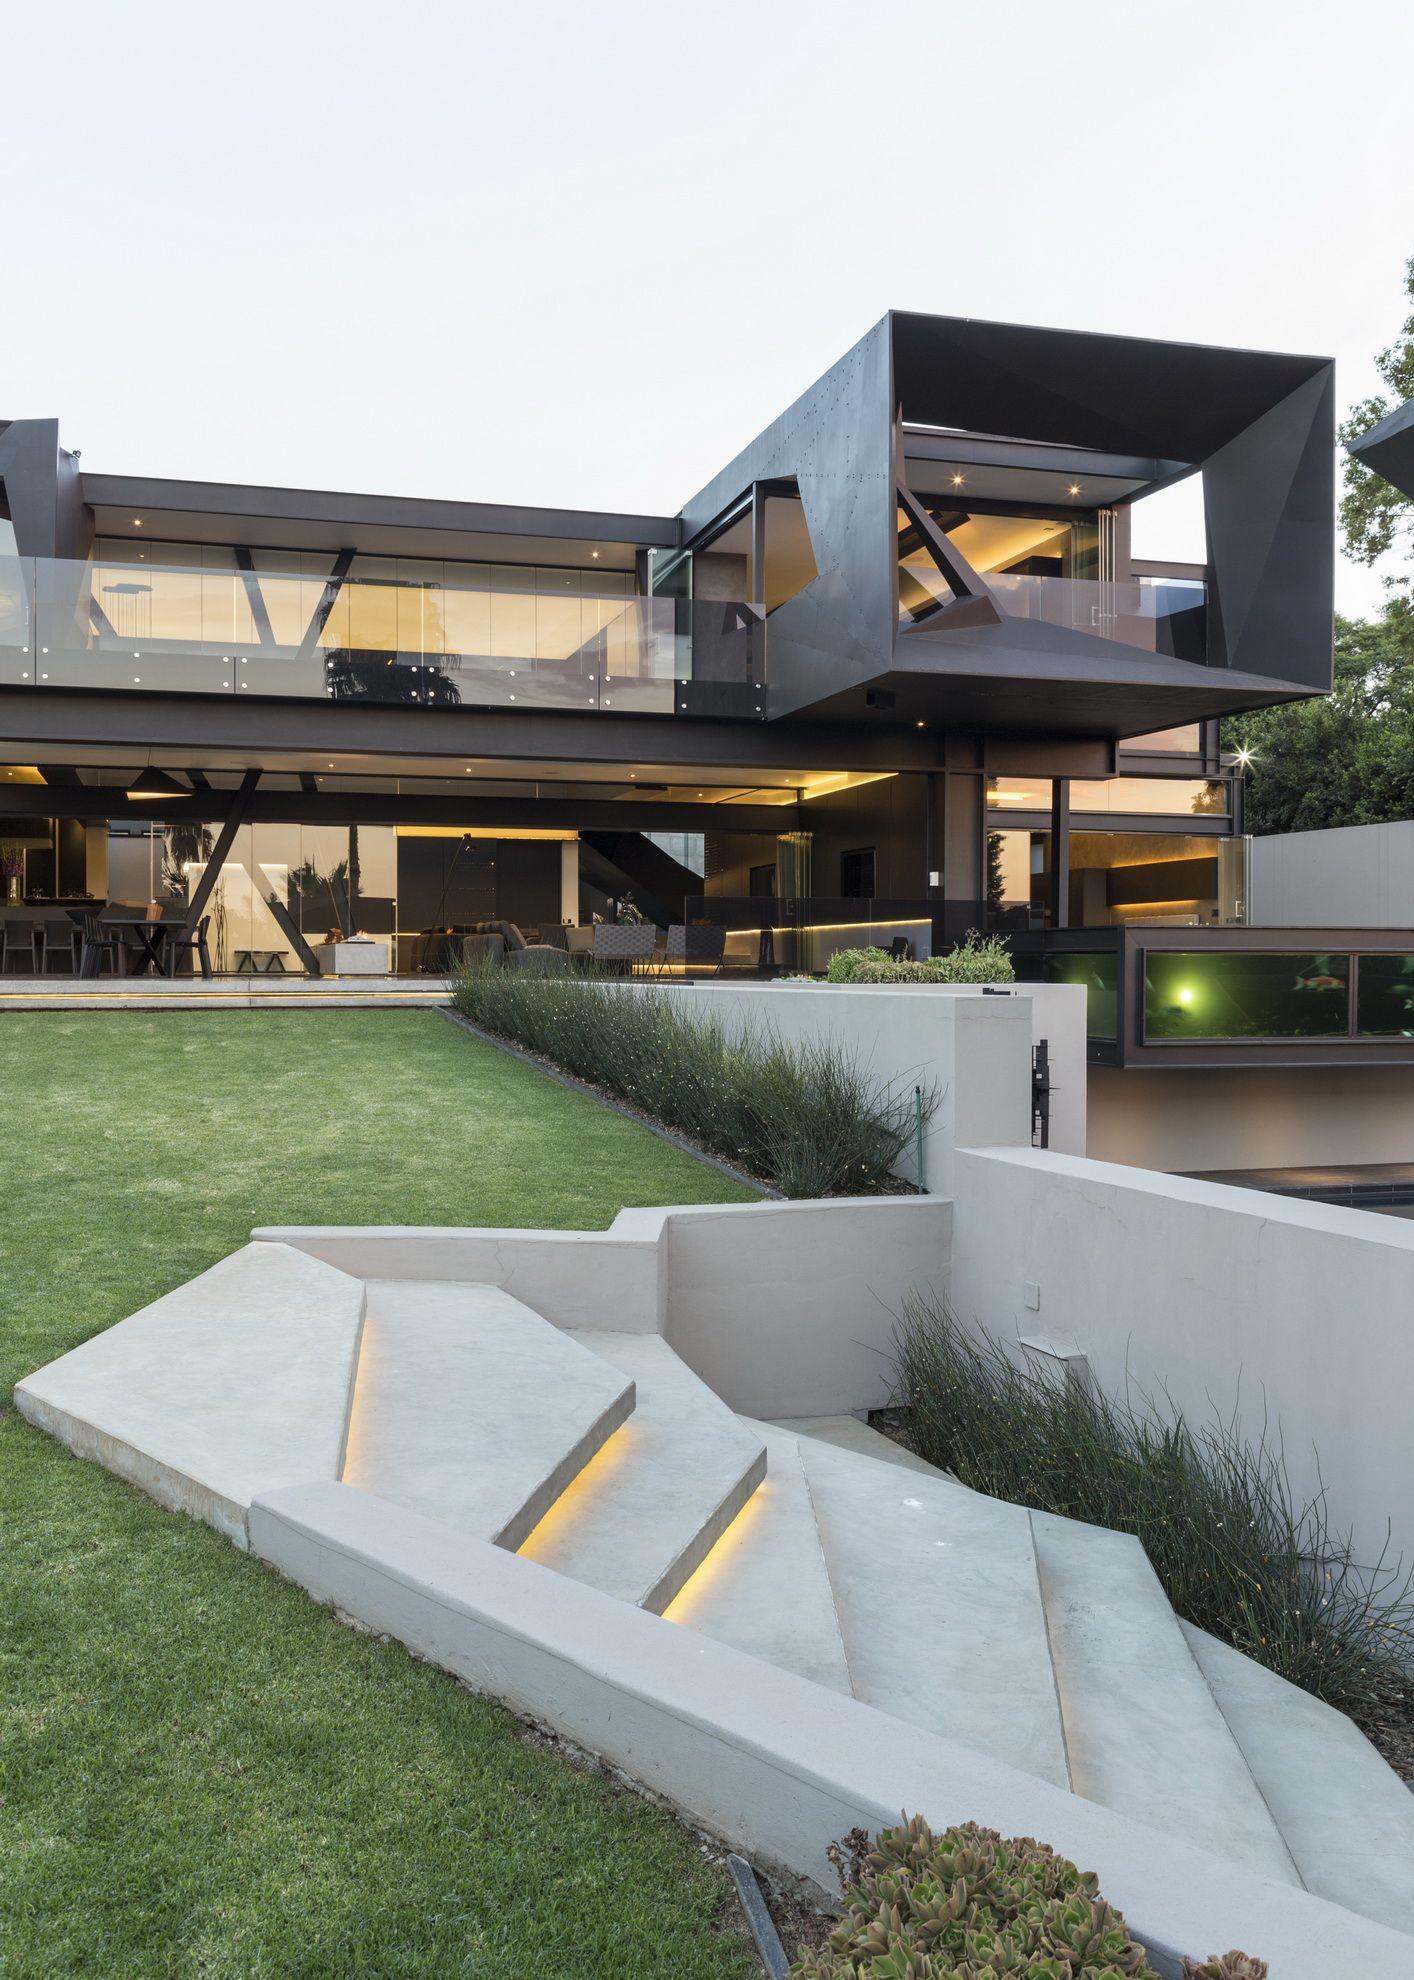 yvondouben | Houses | Pinterest | Architektur, Moderne häuser und ...